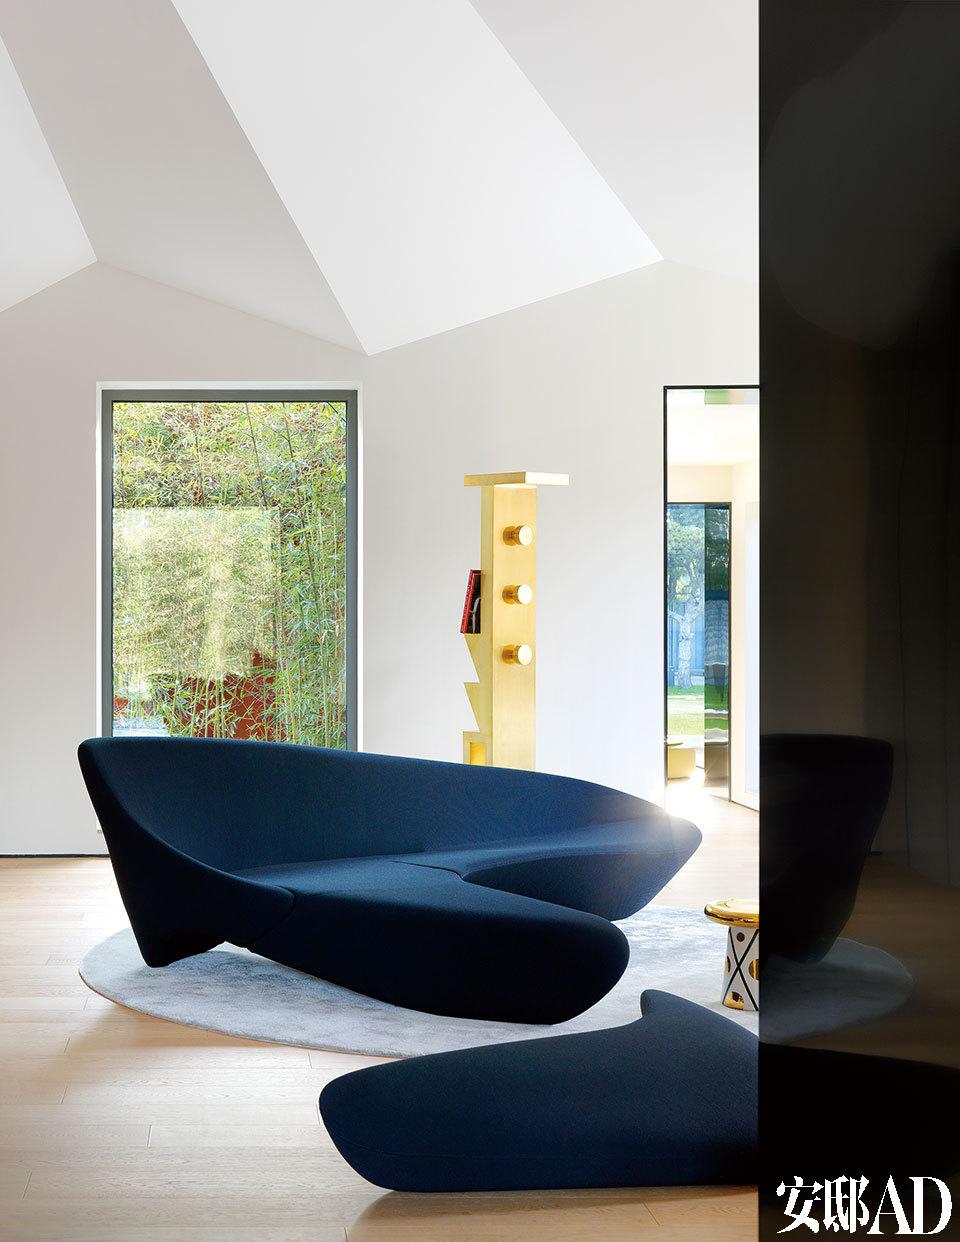 连接新建客厅空间和老建筑的走廊门厅里,建筑感十足的家具与窗外的中式意境庭院景致相混搭,十分精彩。沙发是建筑师Zaha Hadid为B&B Italia设计的MOON System系列。远处的书与衣帽两用架是Tom Dixon的Mass系列。二者均来自家天地。至于沙发旁的金色小凳则是Jaime Hayon为BOSA设计的系列,来自连卡佛。